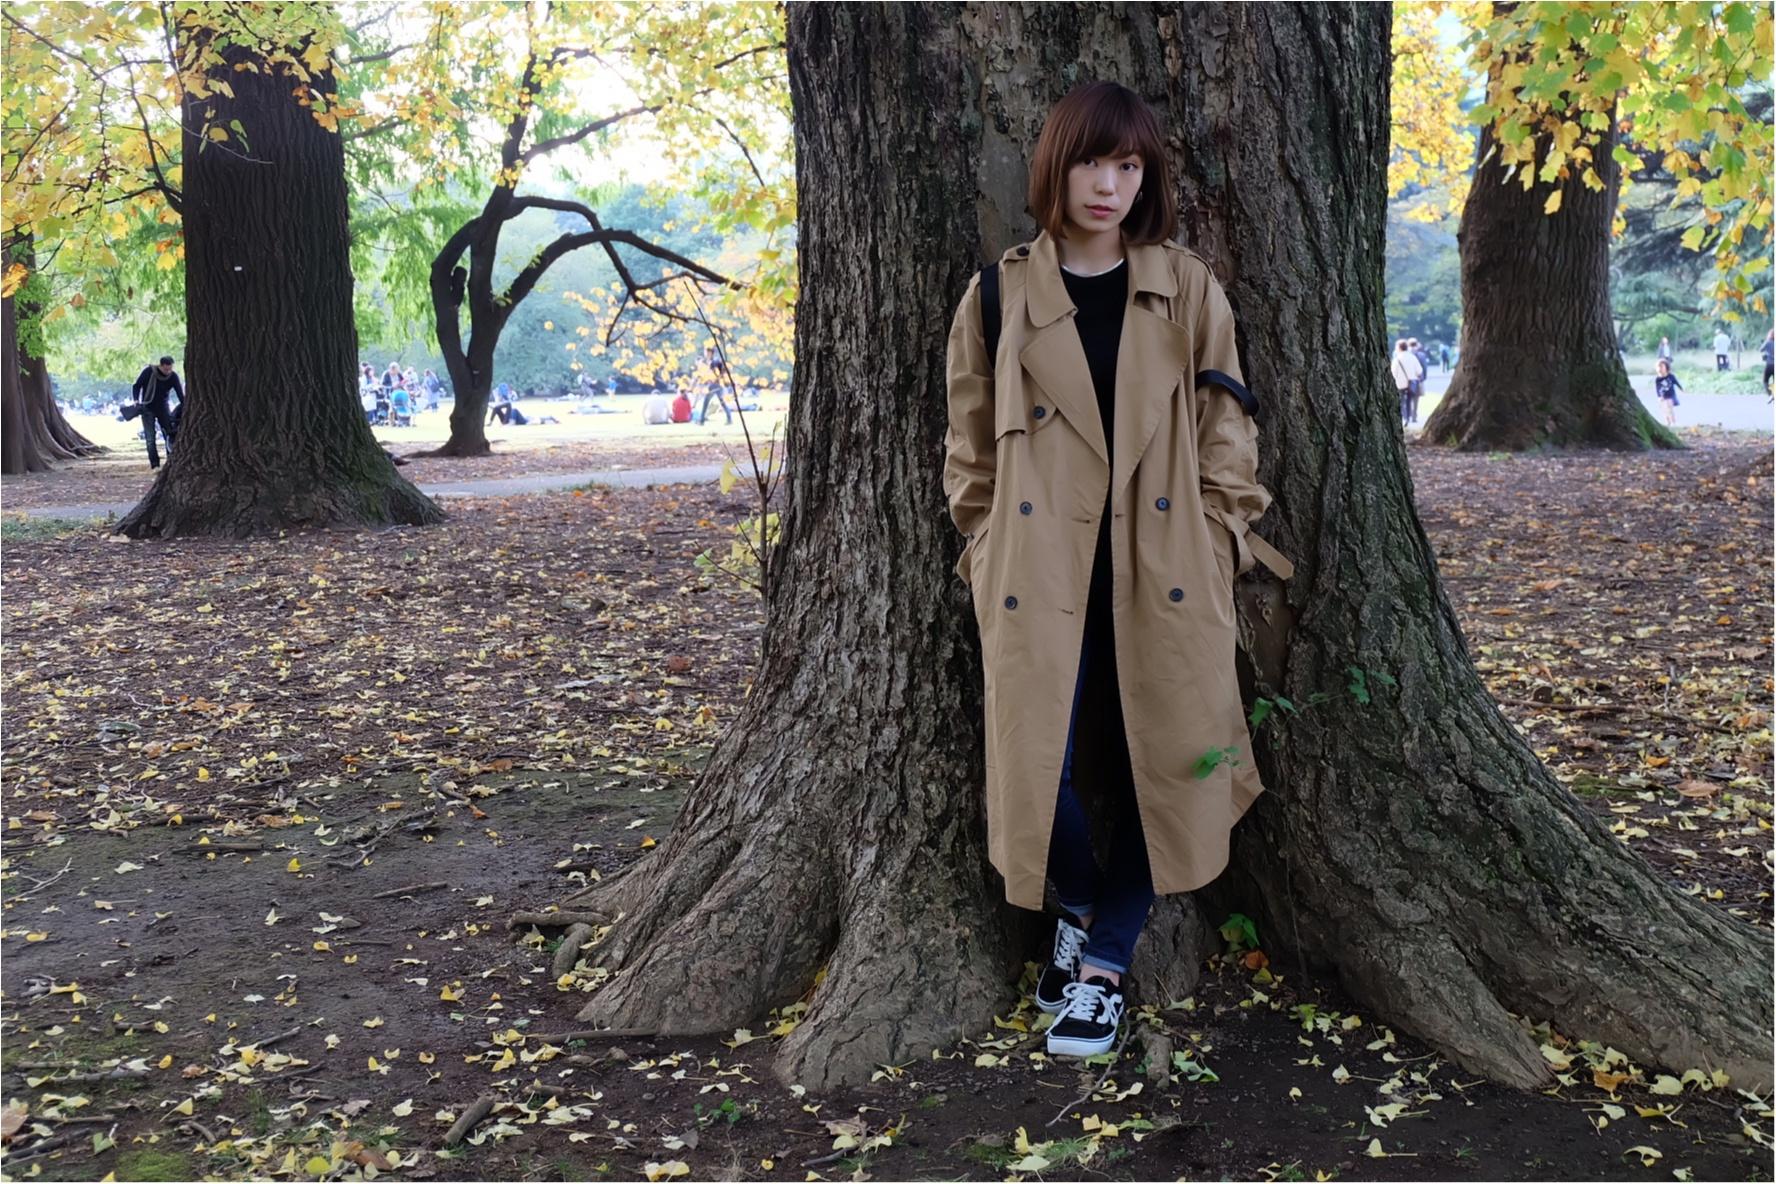 東京でも絶景の紅葉が!《新宿御苑》で秋が始められますよ〜!!フォトスポット&コーディネートも合わせてご紹介!_7